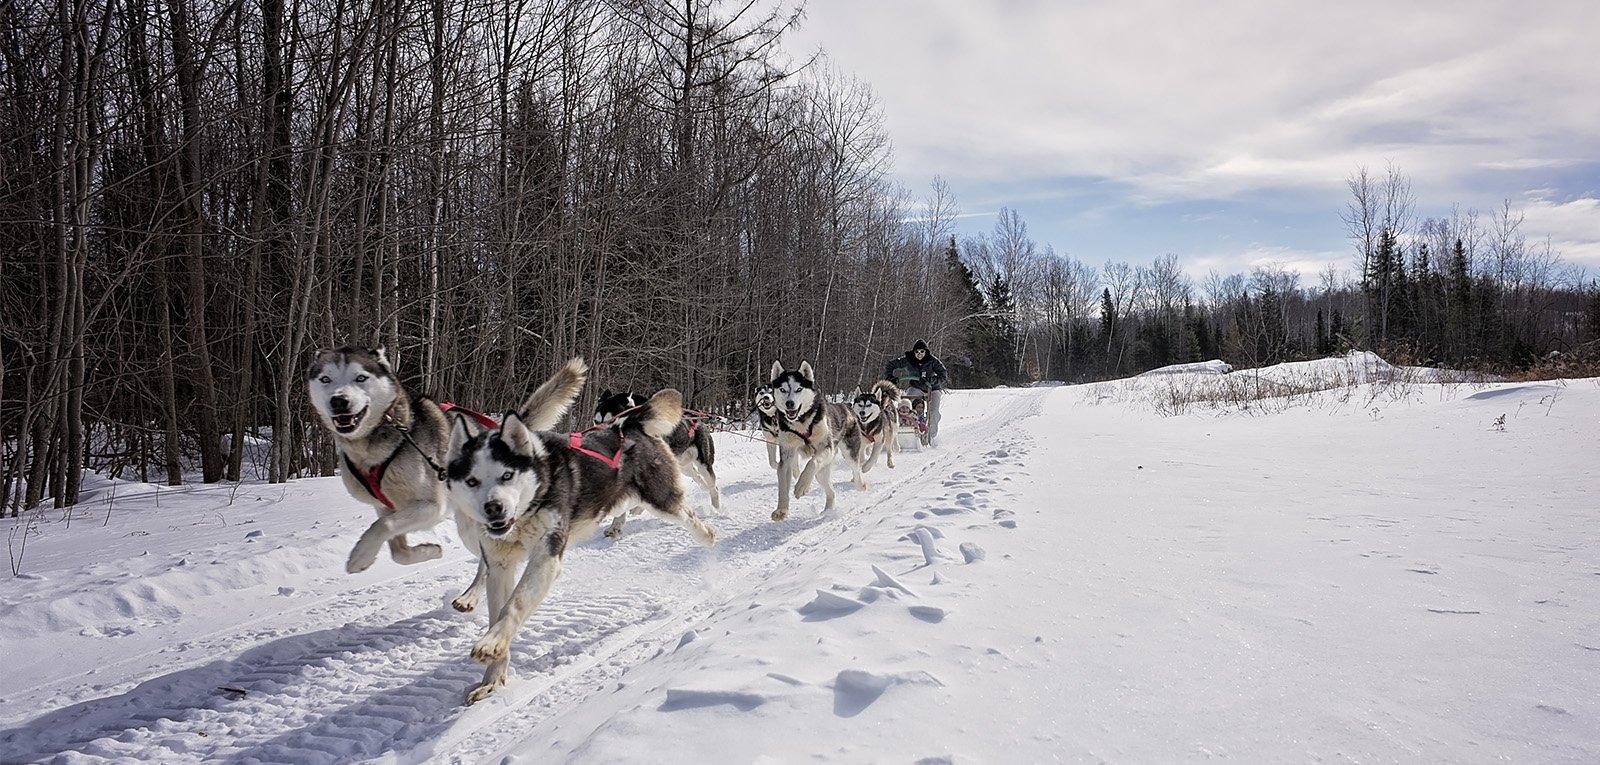 outdoor activities dog sled ottawa outaouais escapade eskimo